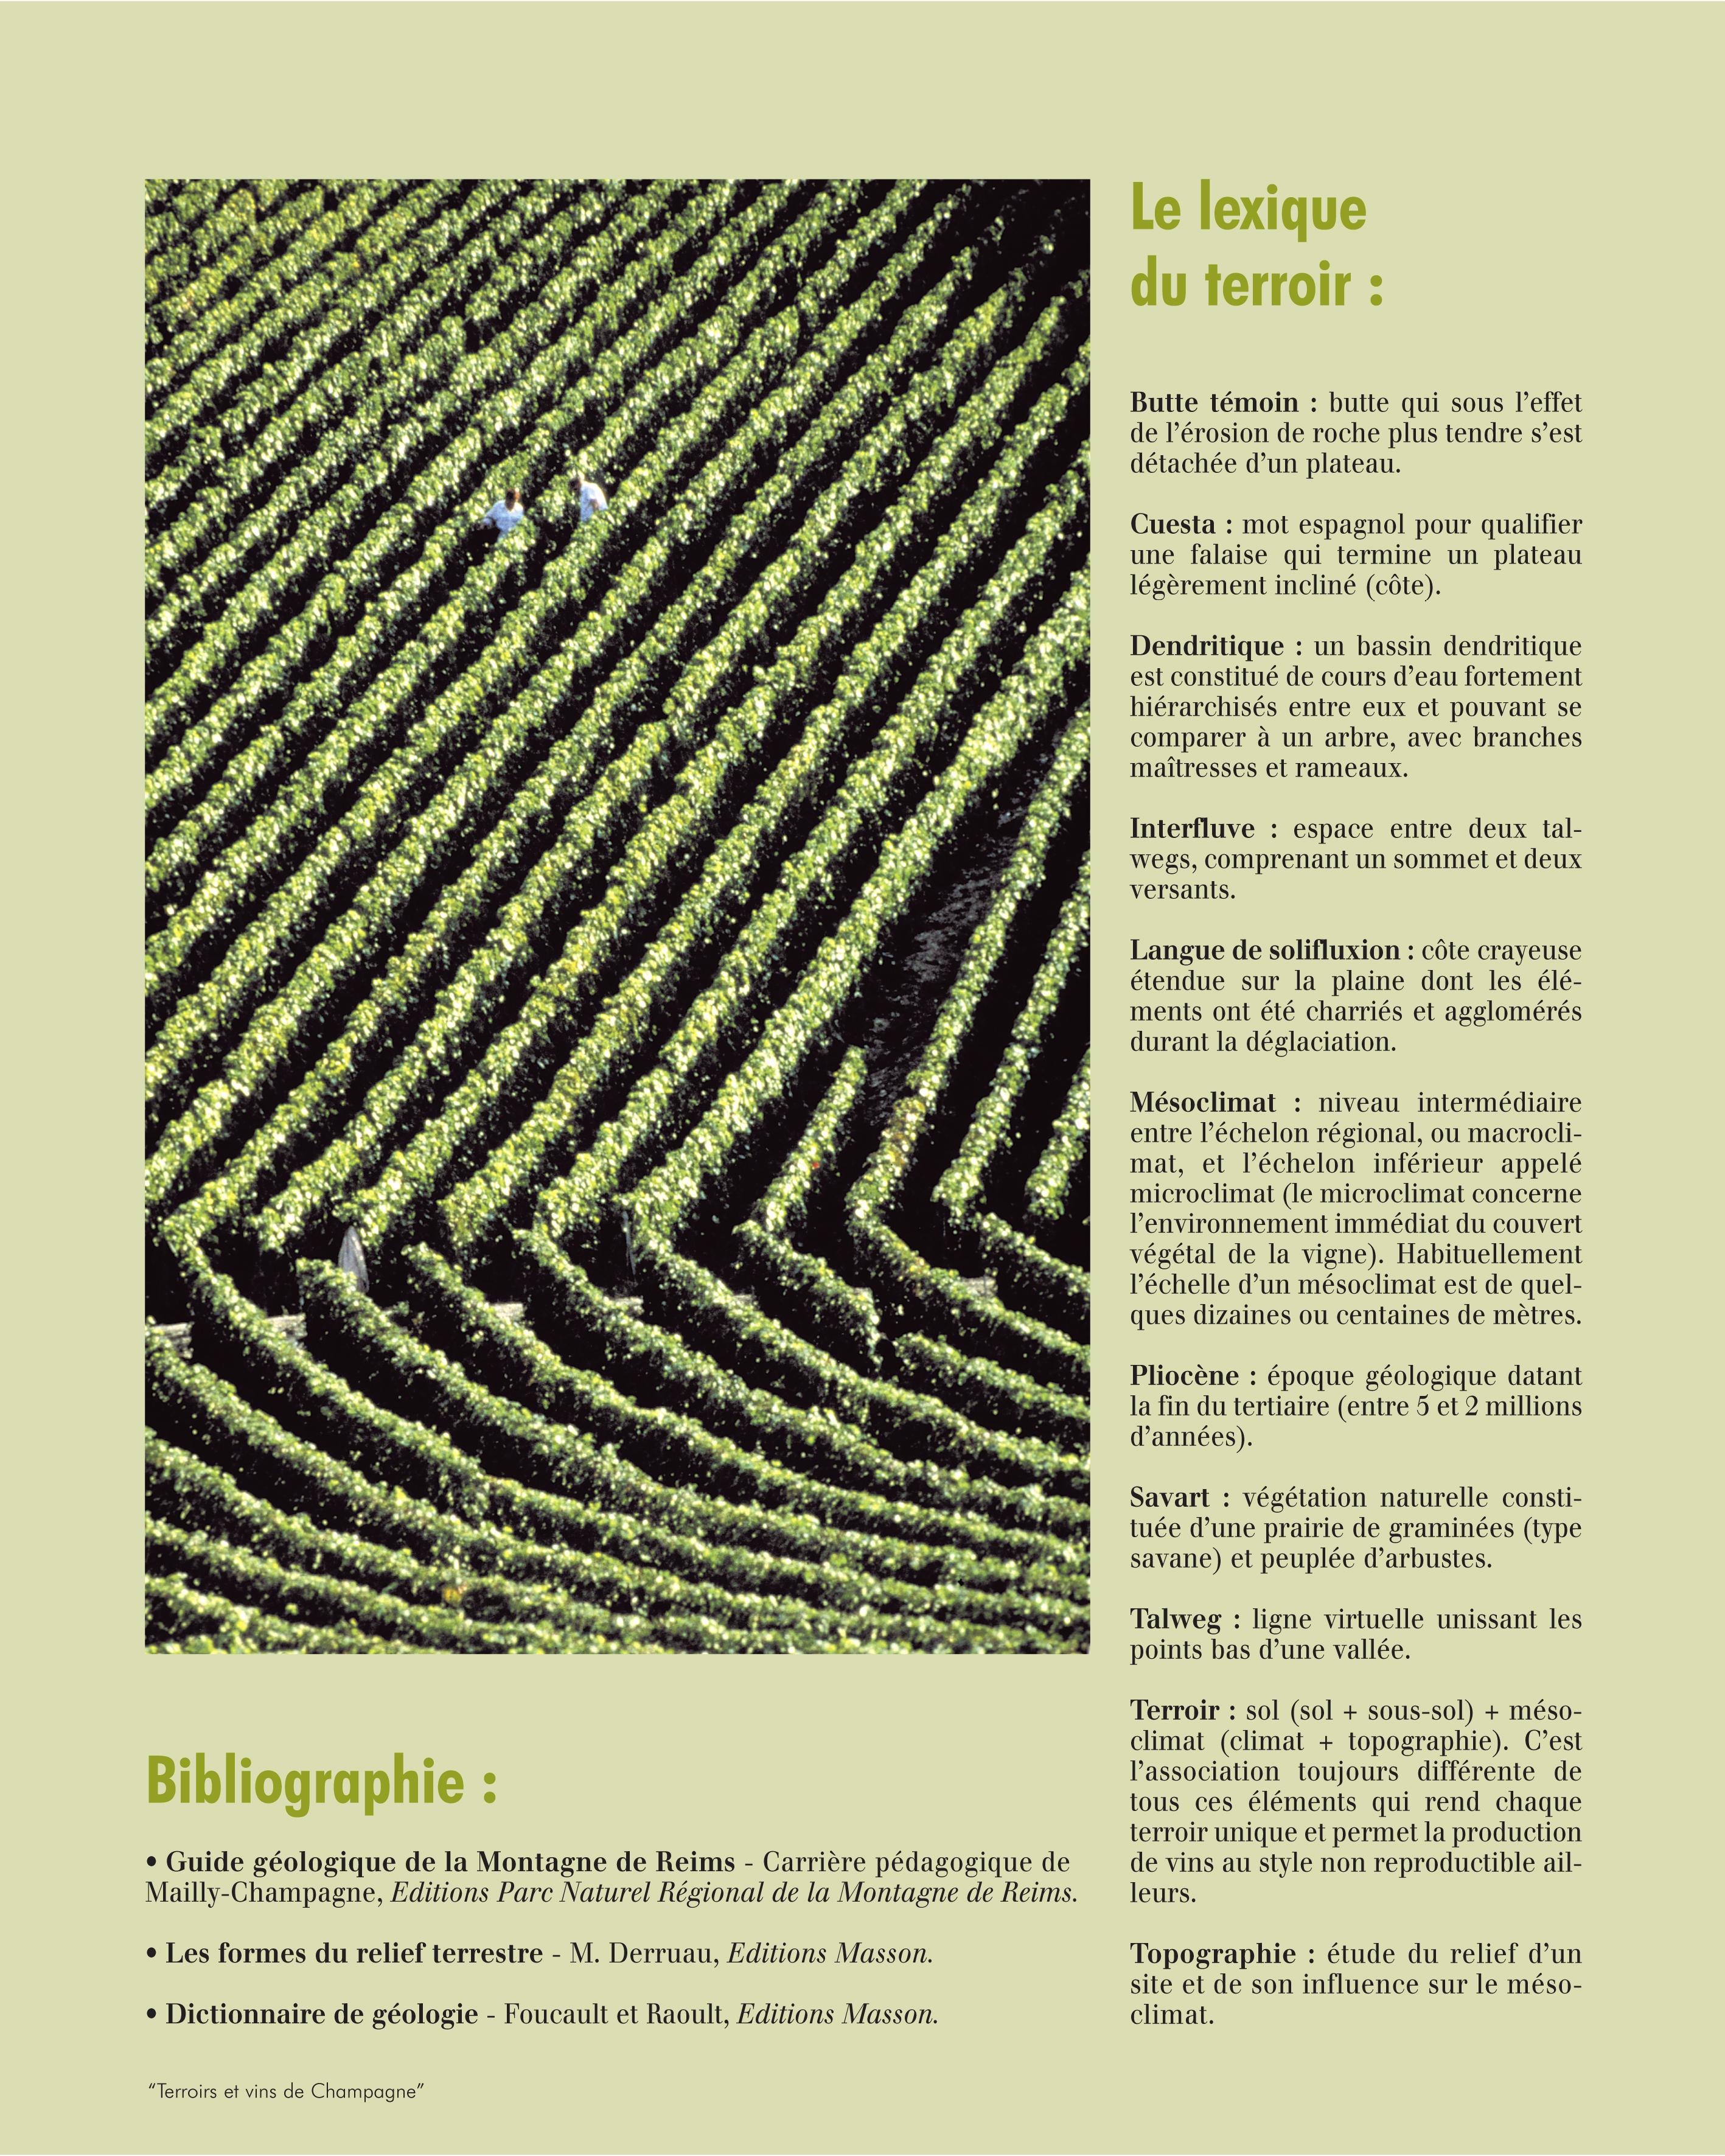 Champagne - Le bois sans modération